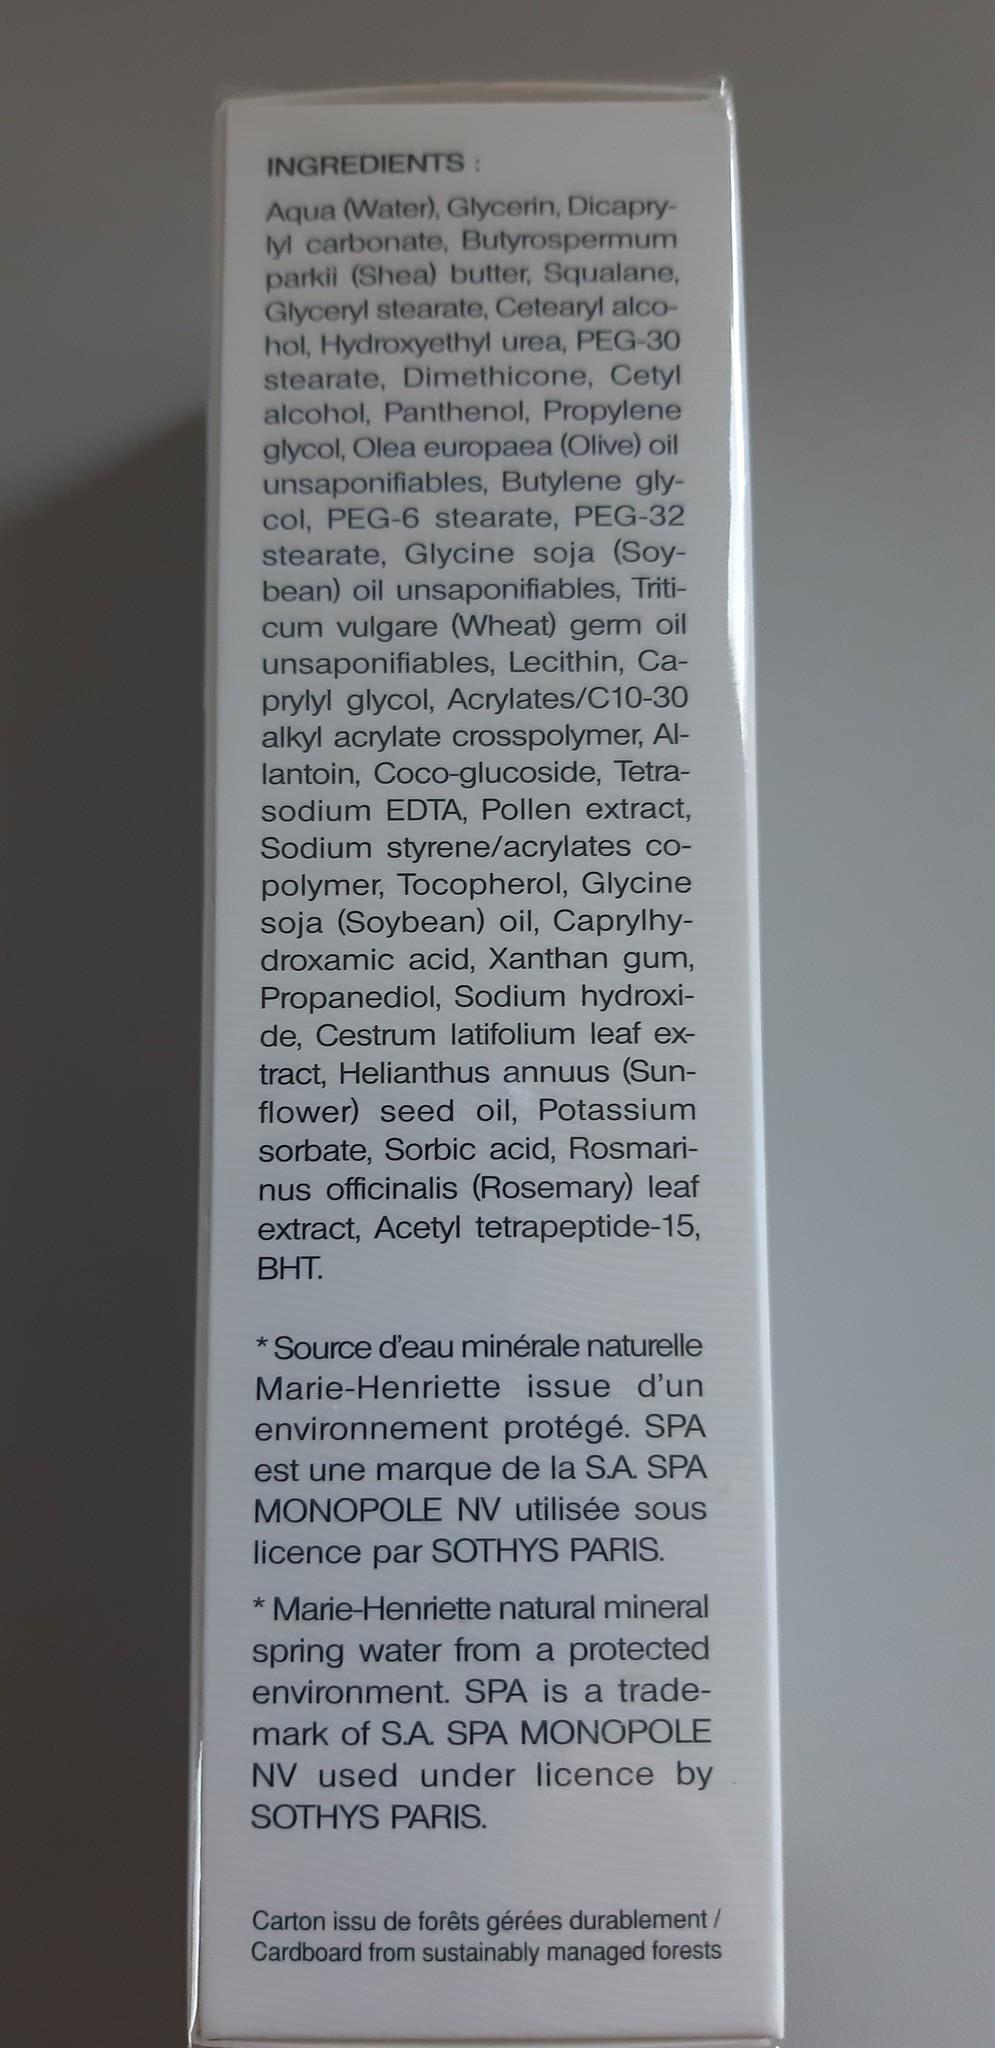 Sothys Sothys Spa Crème Veloutée Apaisante crème voor de gevoelige huid